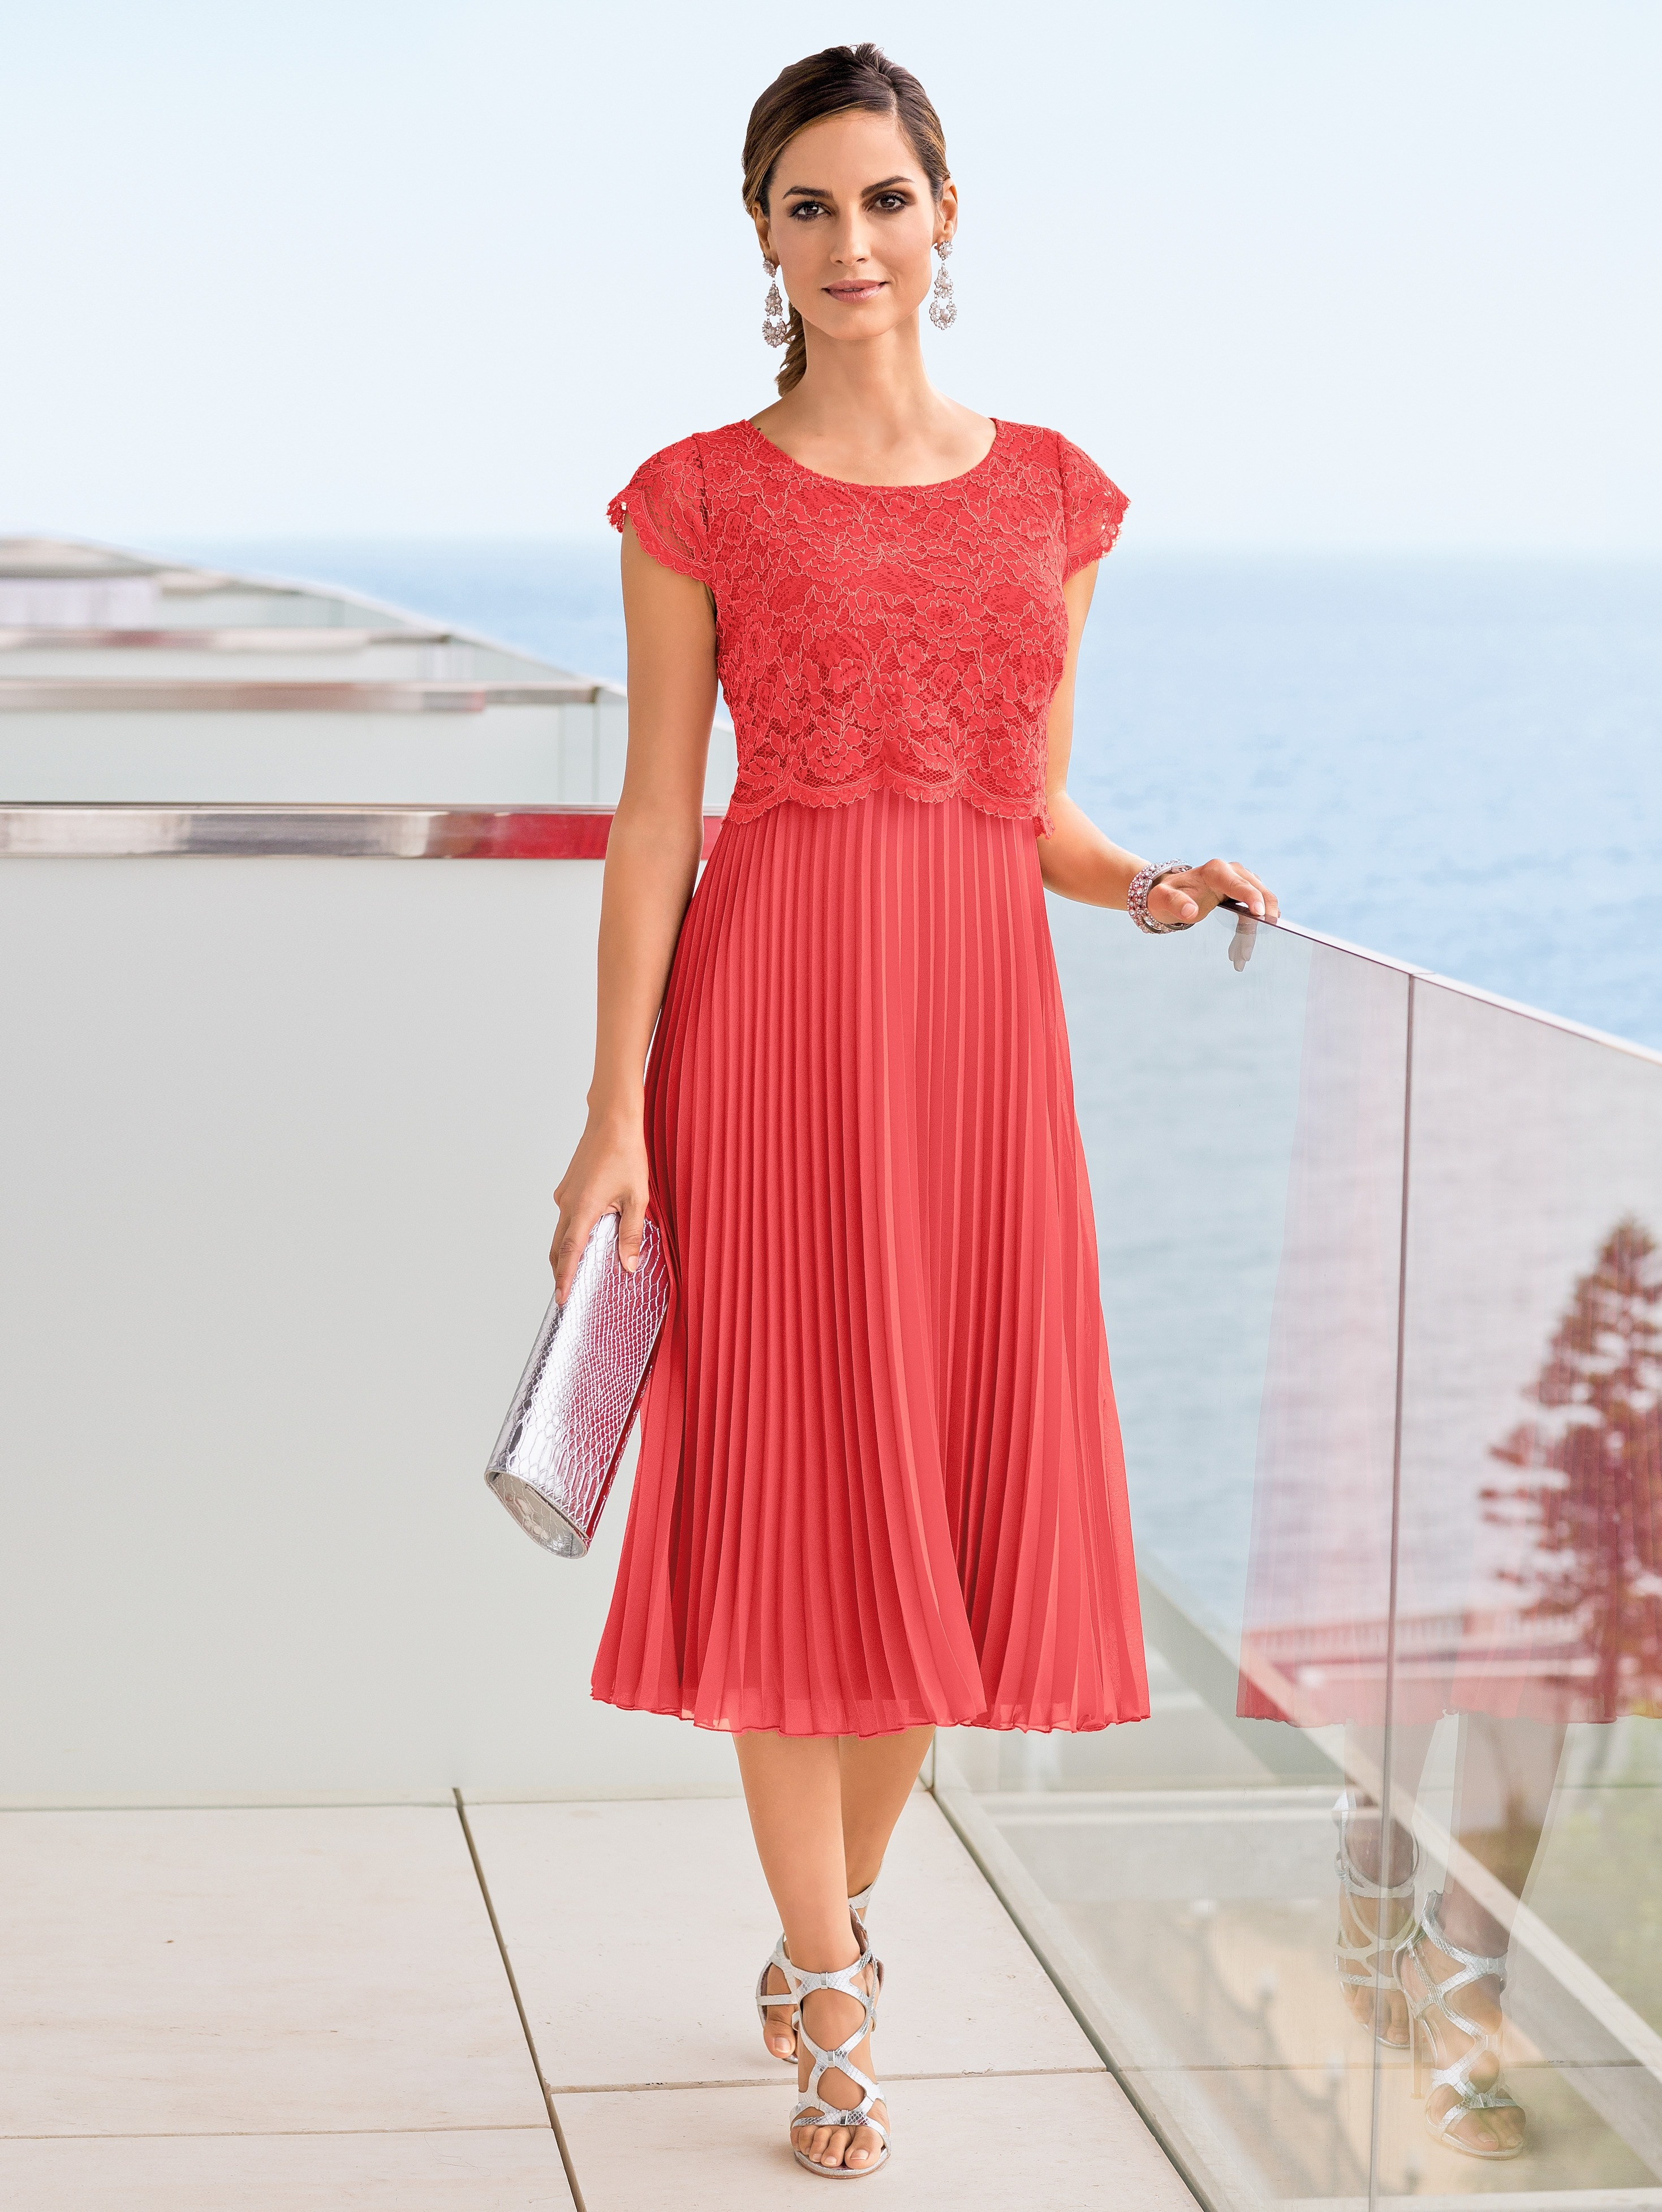 Formal Einfach Kleid Koralle Galerie20 Leicht Kleid Koralle für 2019